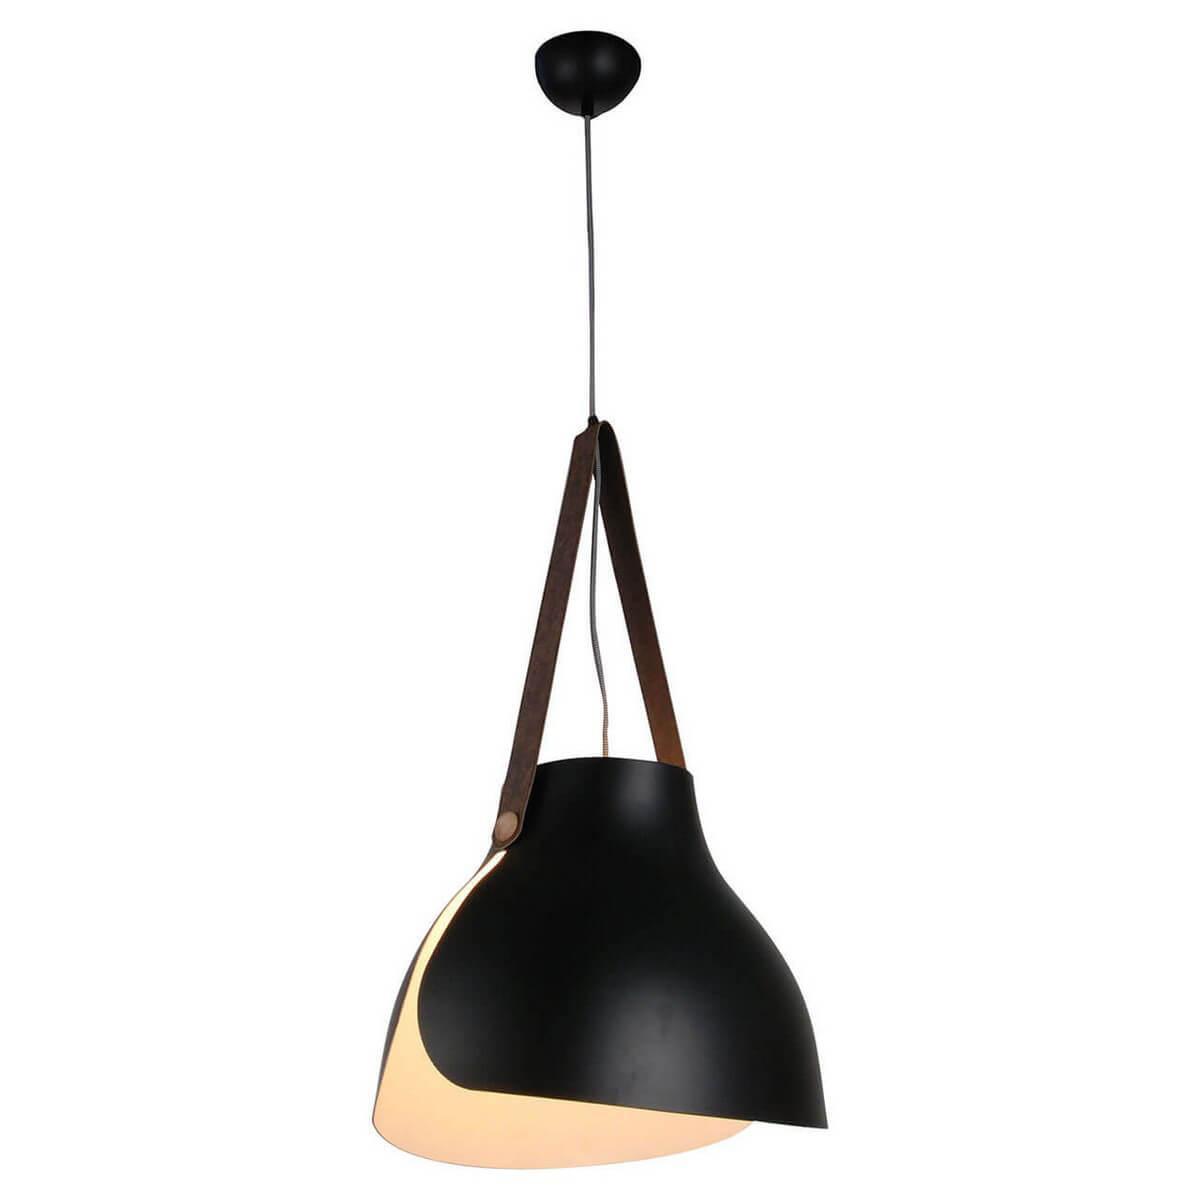 Подвесной светильник Lussole LOFT GRLSP-9842, E27, 11 Вт подвесной светильник lussole grlsp 9678 коричневый